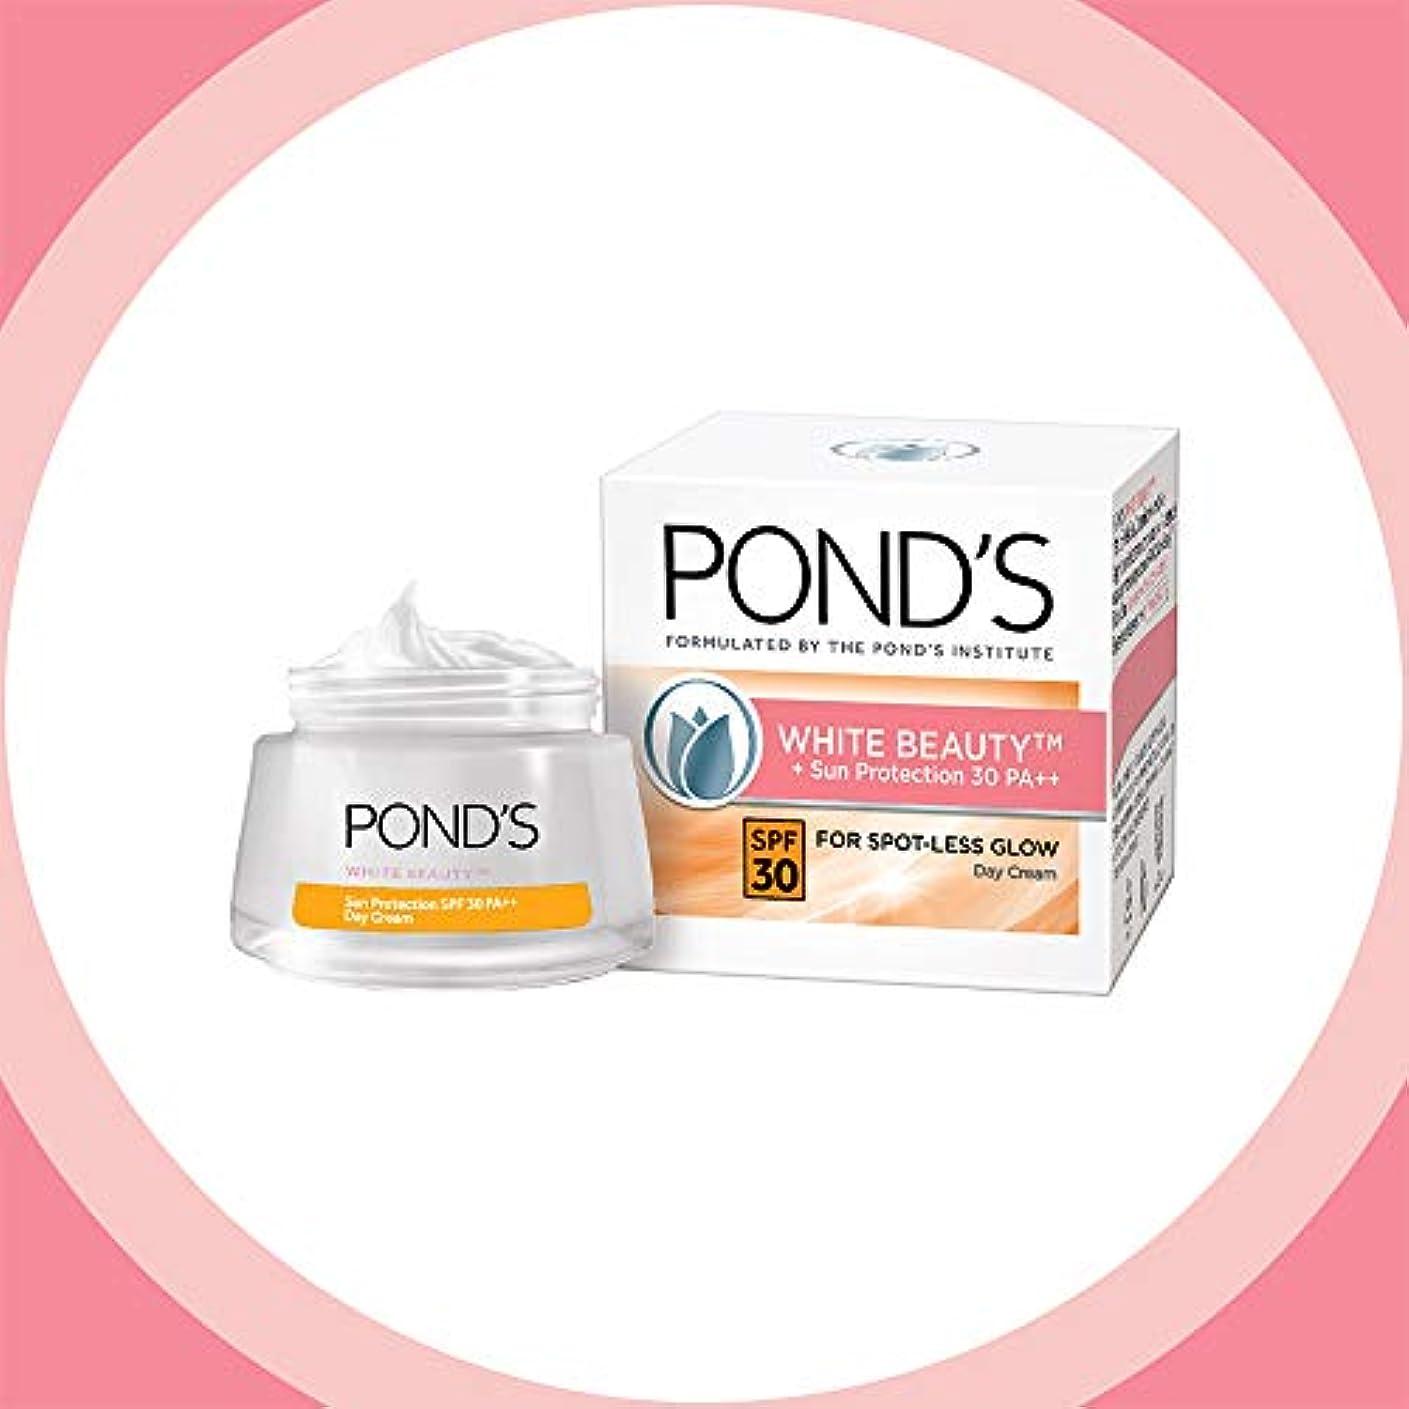 種バルクたるみPOND'S White Beauty Sun Protection SPF 30 Day Cream, 50 g